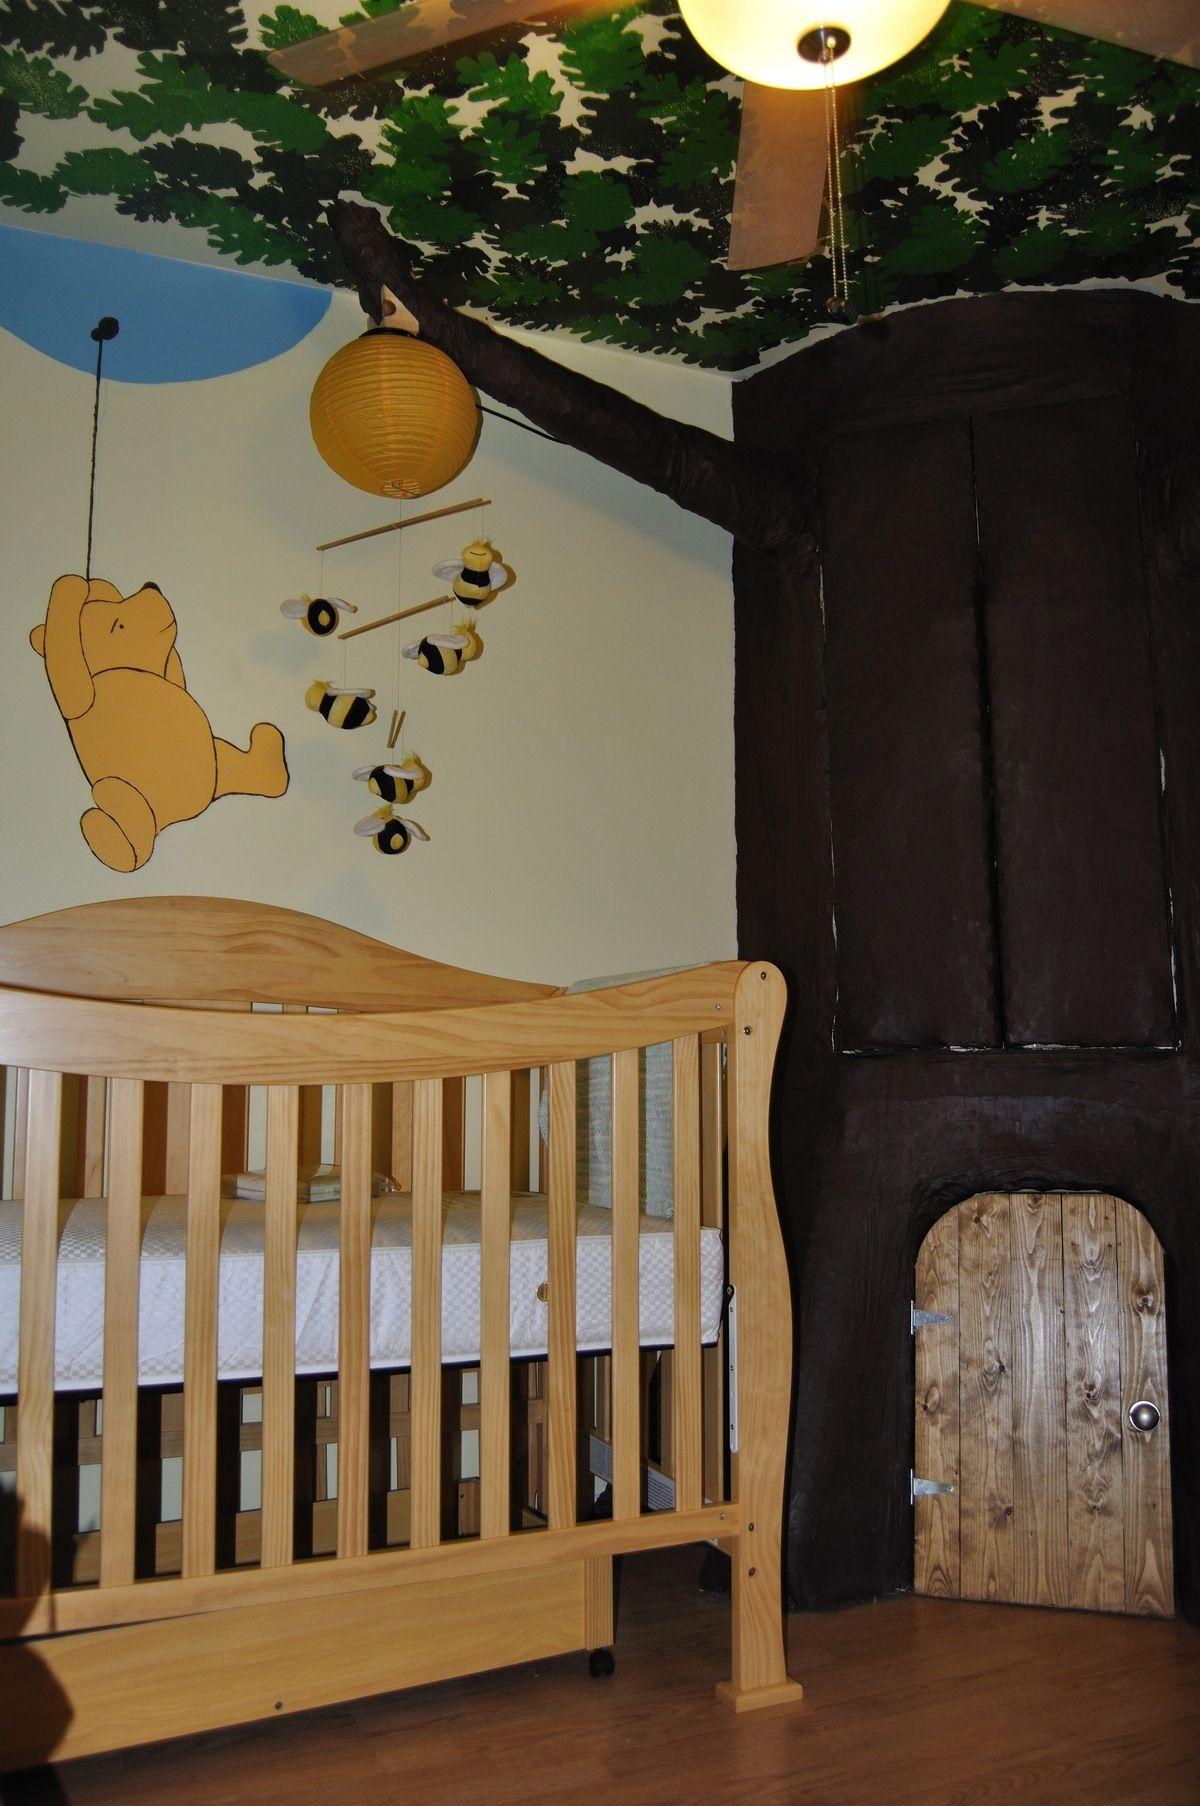 Winnie The Pooh Tree House Kids Bedroom Decor Nursery Nursery